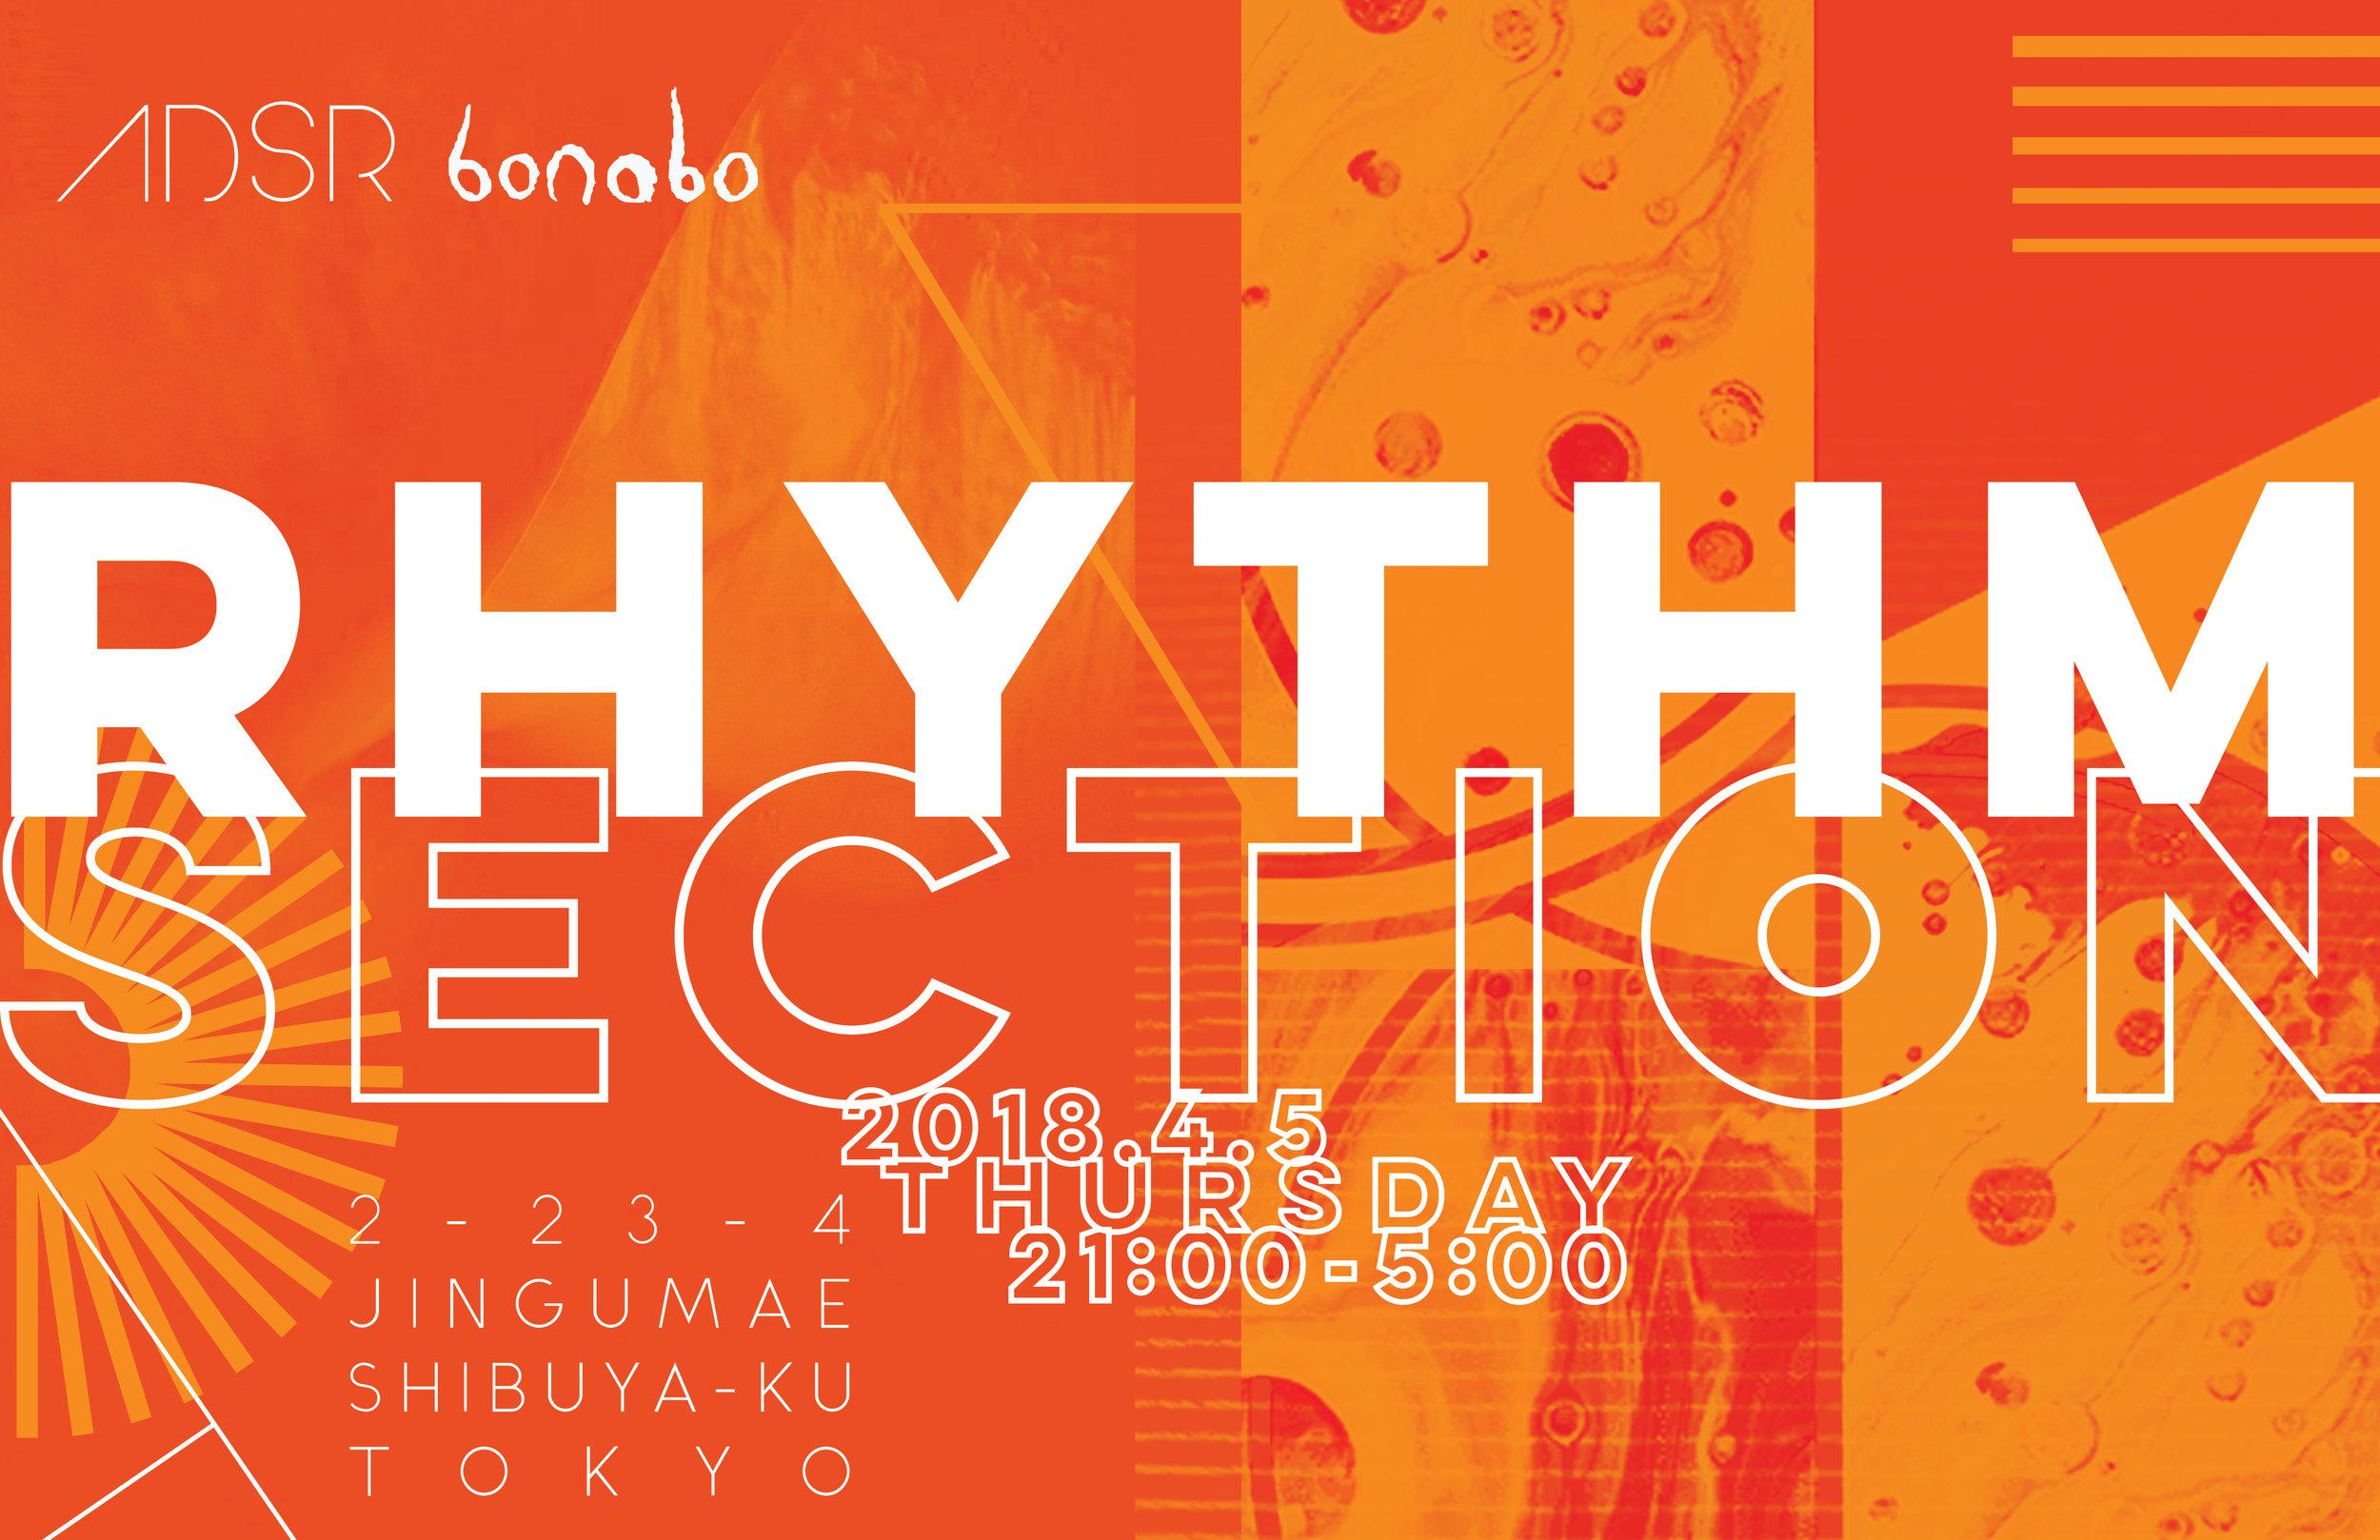 Thursday April 5th @ B  onobo  2-23-4 Jingumae Shibuya-ku Tokyo, Japan